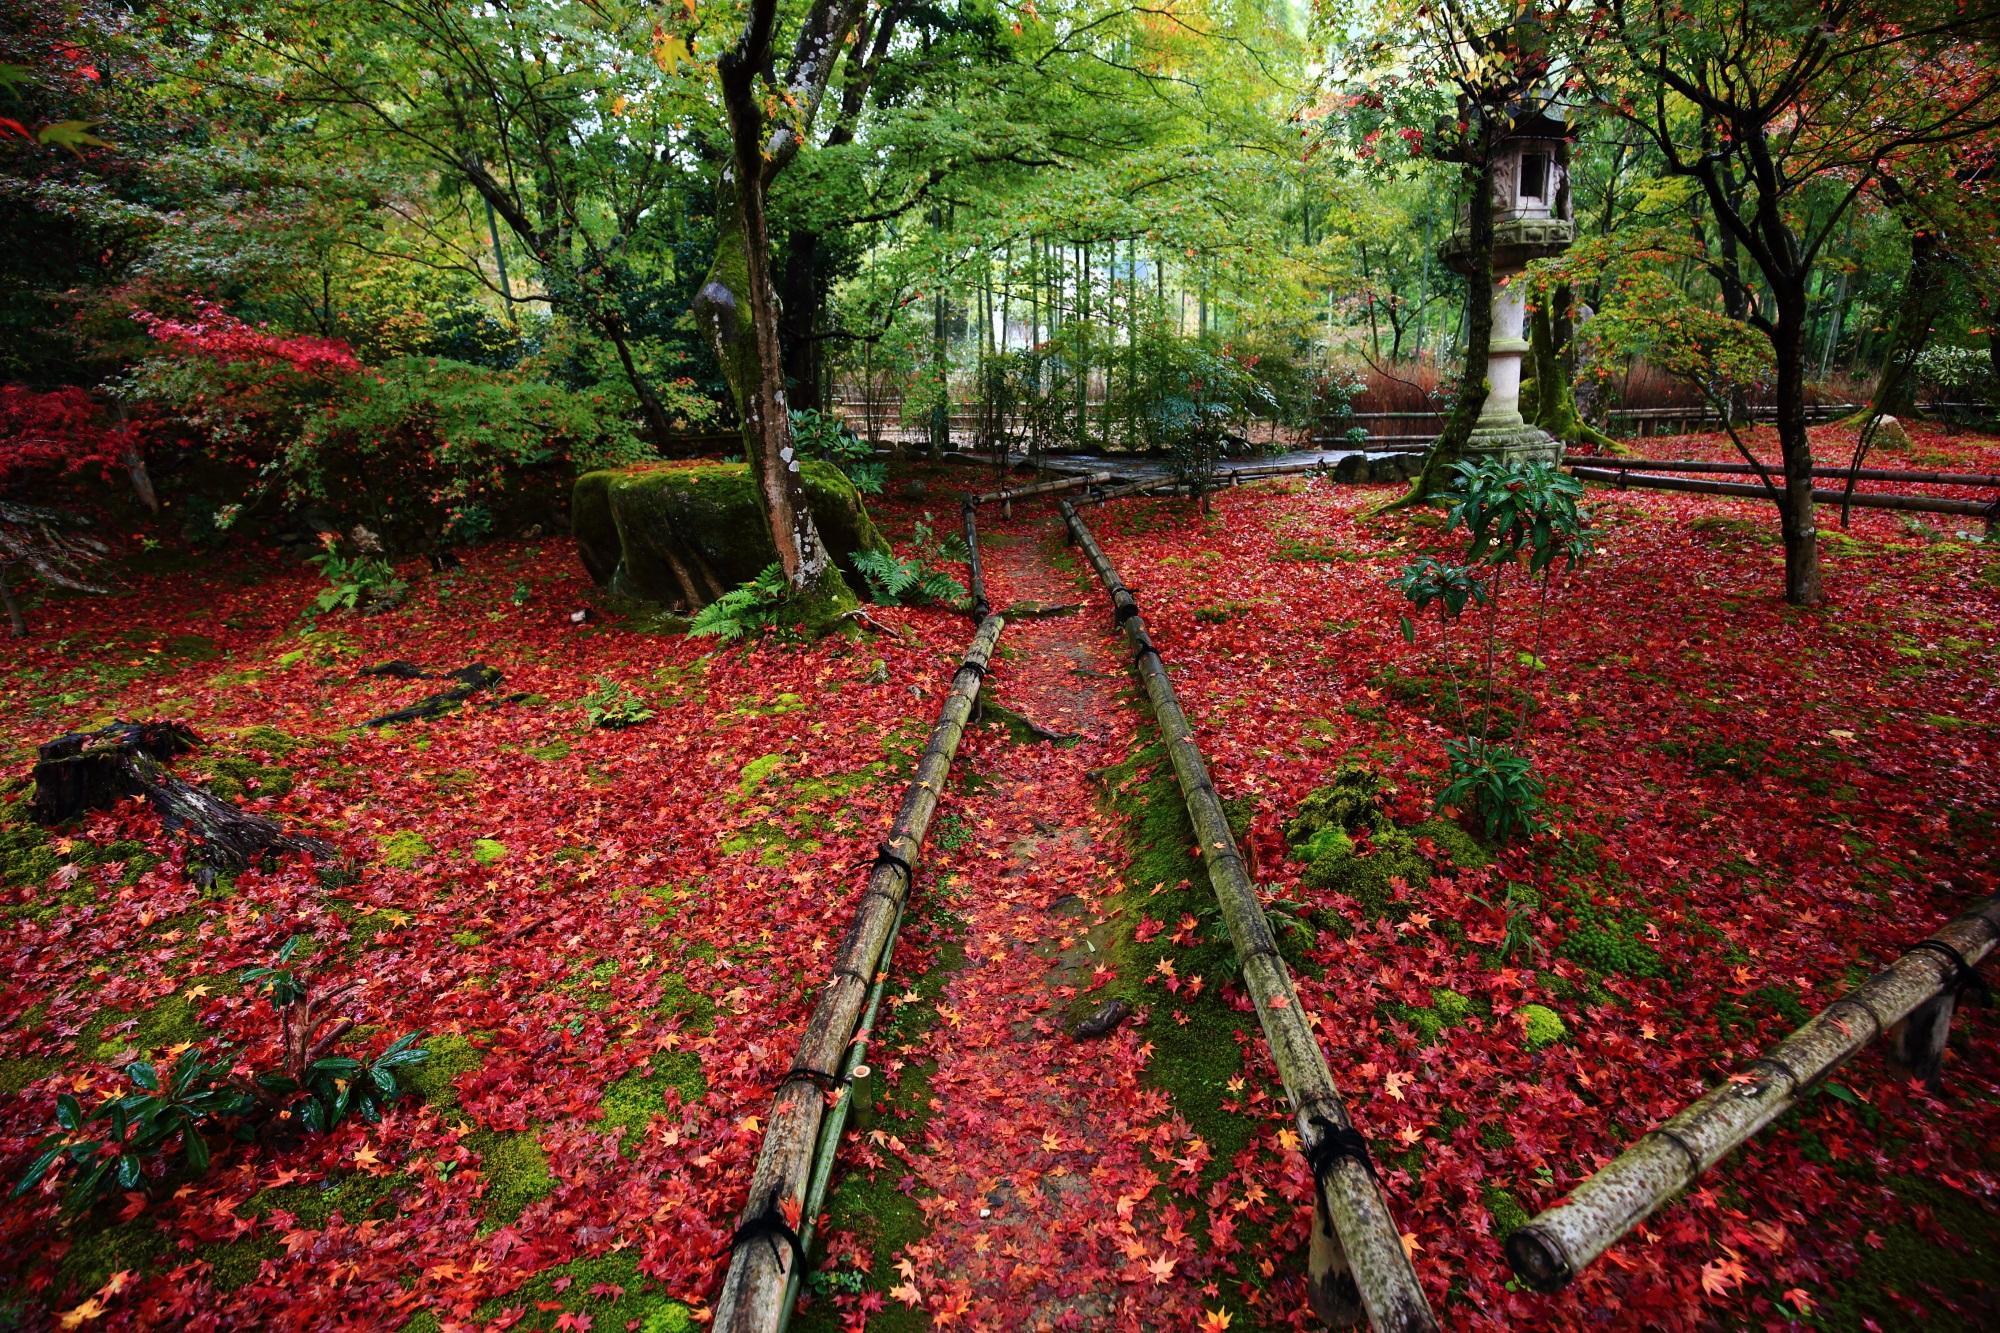 京都の紅葉の穴場の直指庵の苔庭の優美な散りもみじ